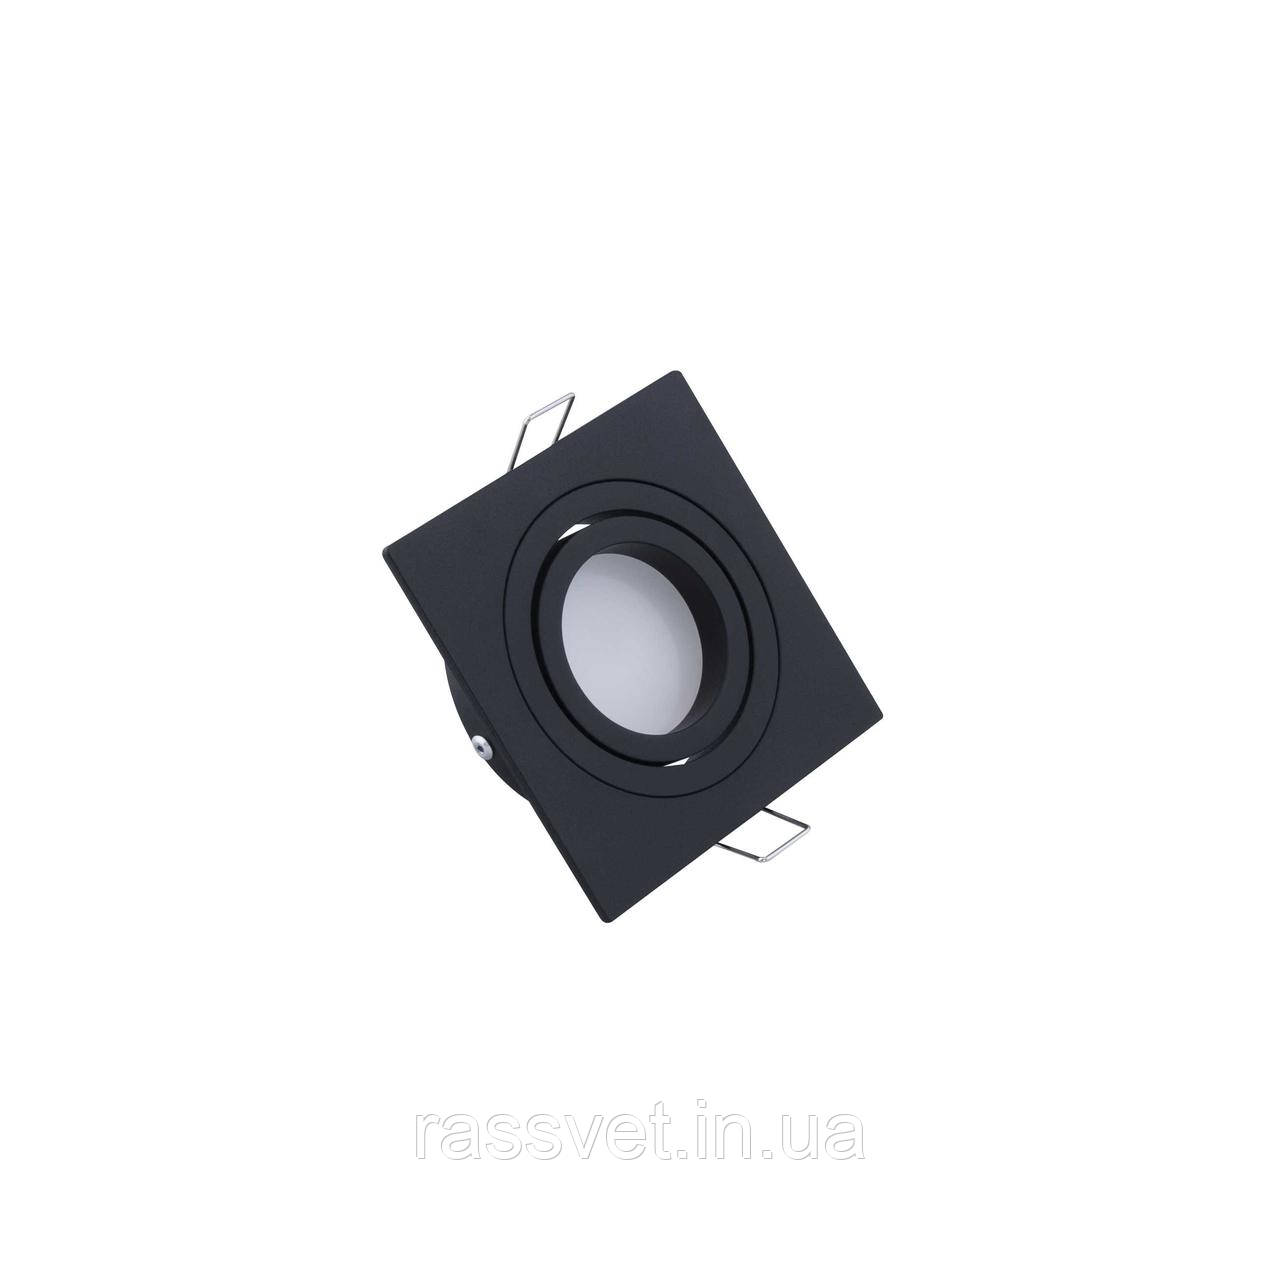 Точковий світильник Skarlat TH5809 BK